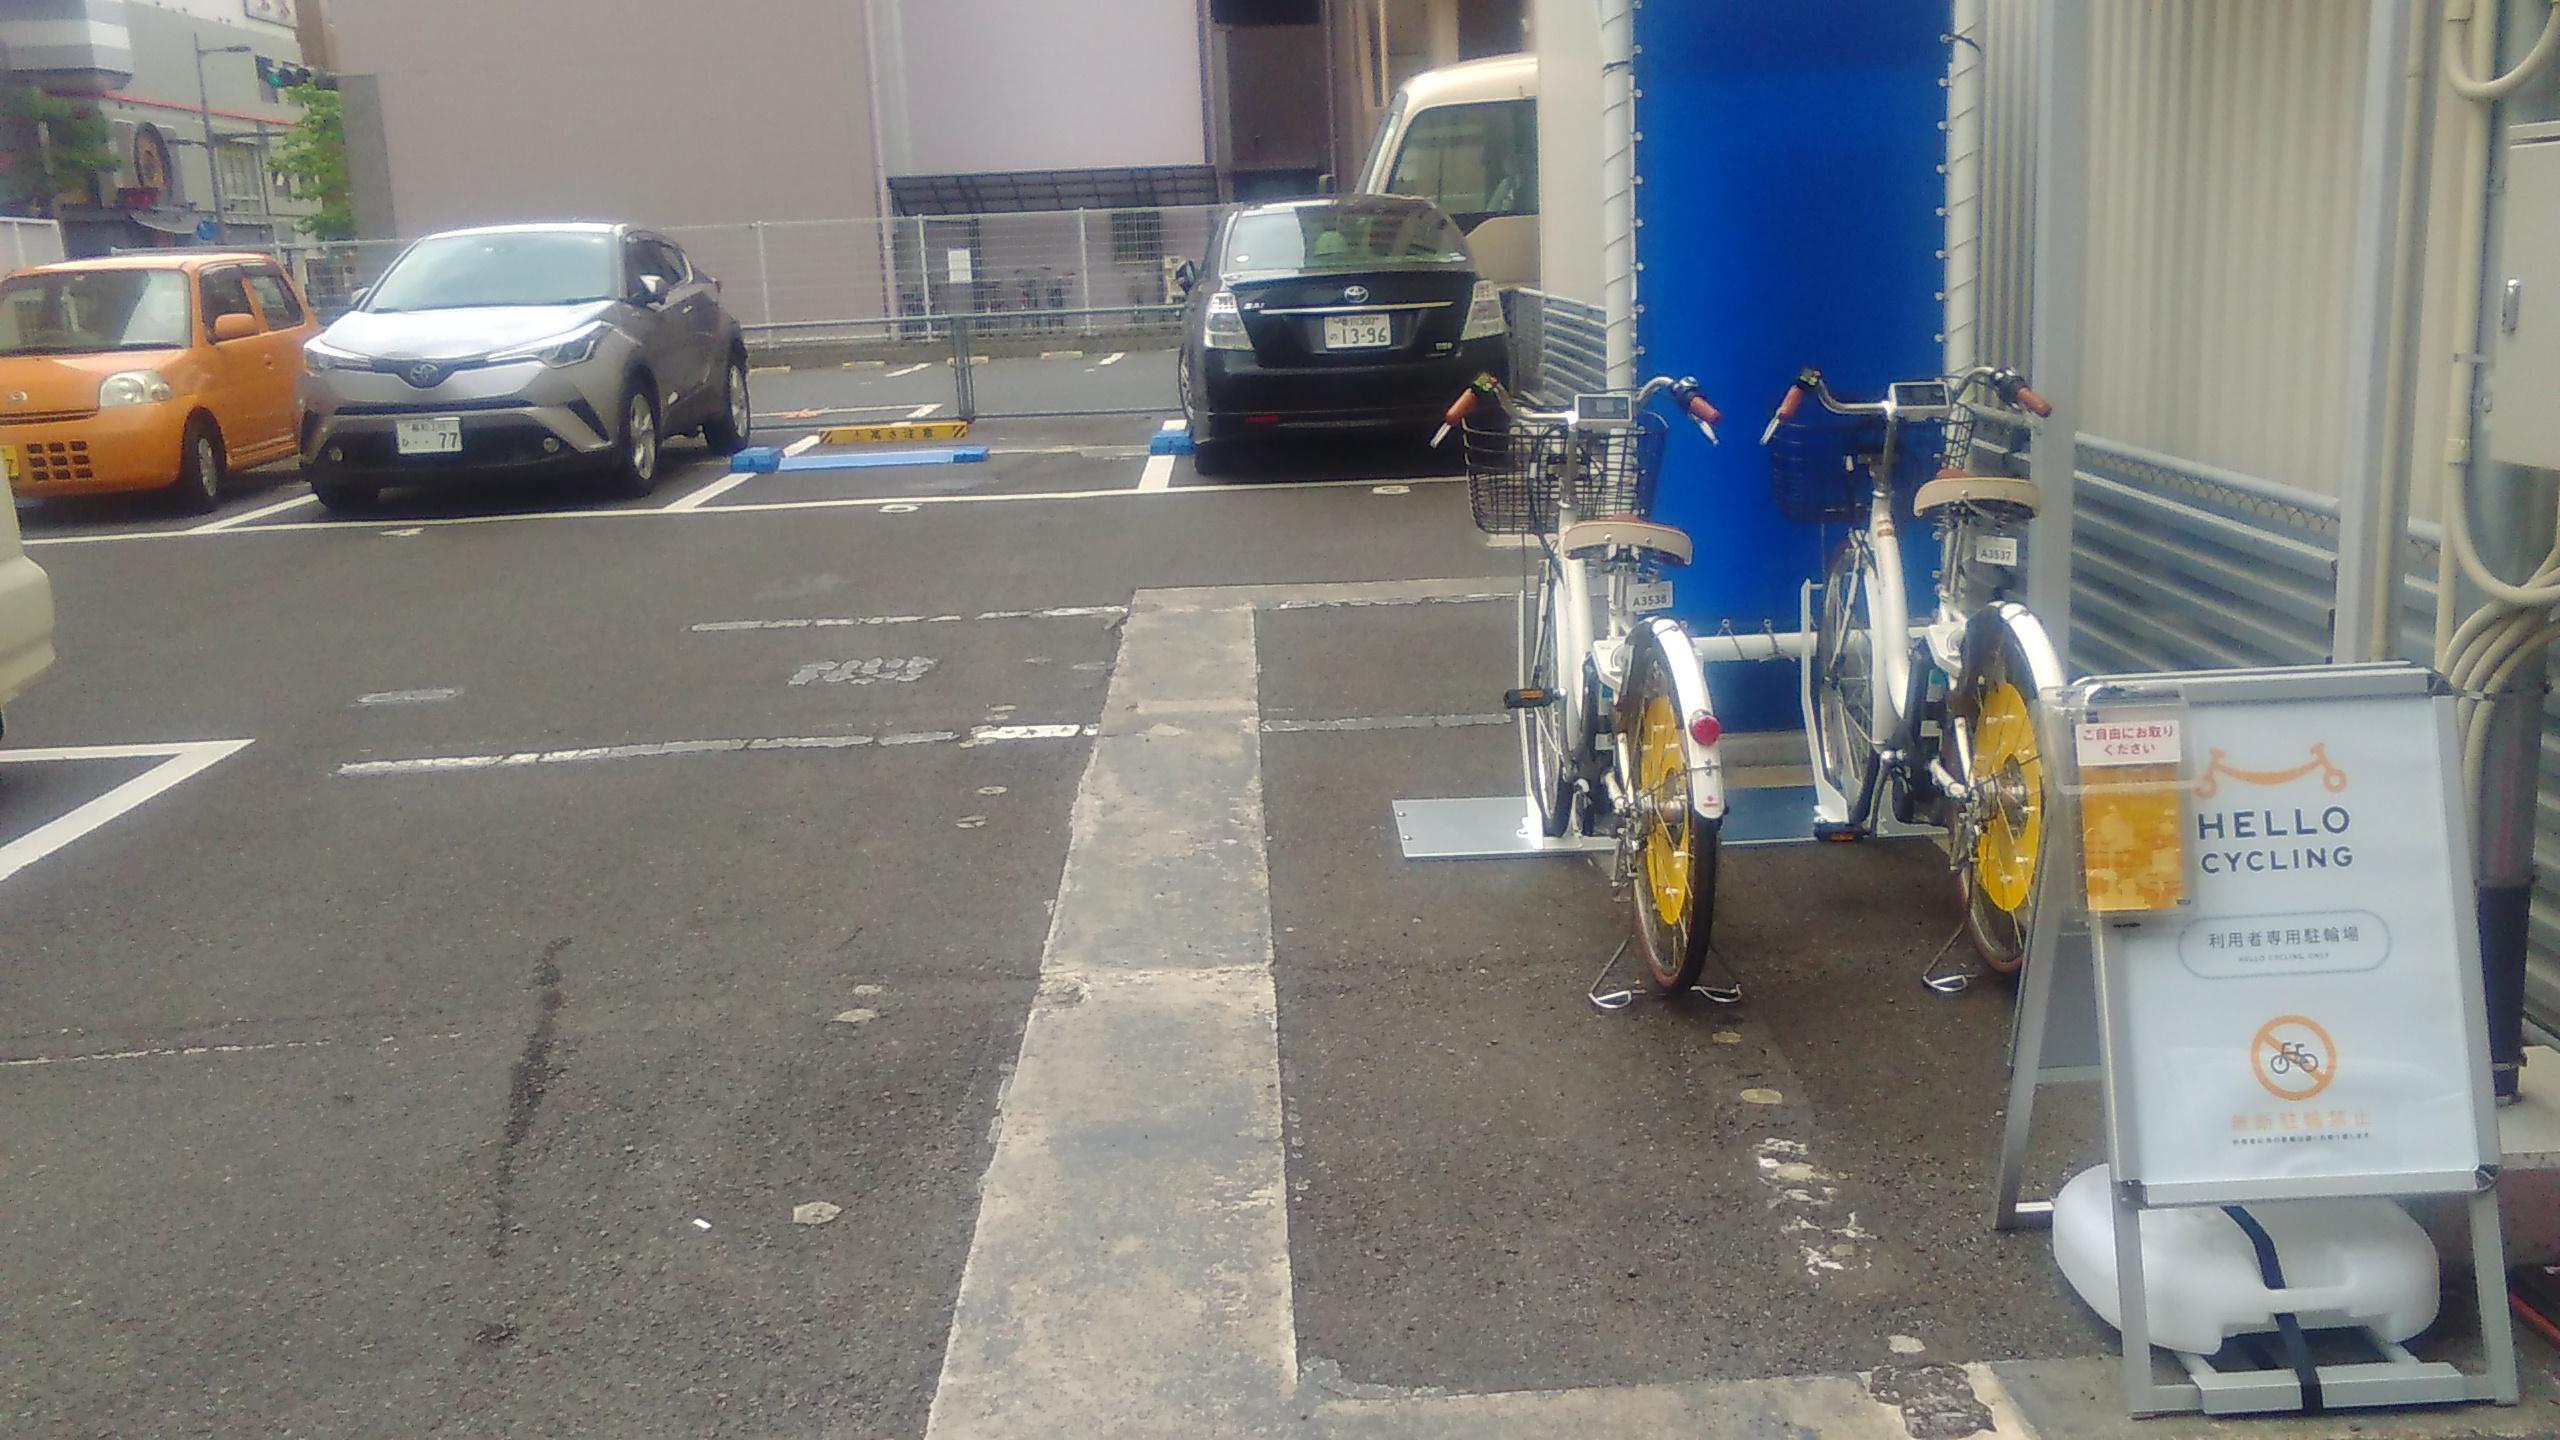 あなぶき百間町第3パーキング (HELLO CYCLING ポート) image